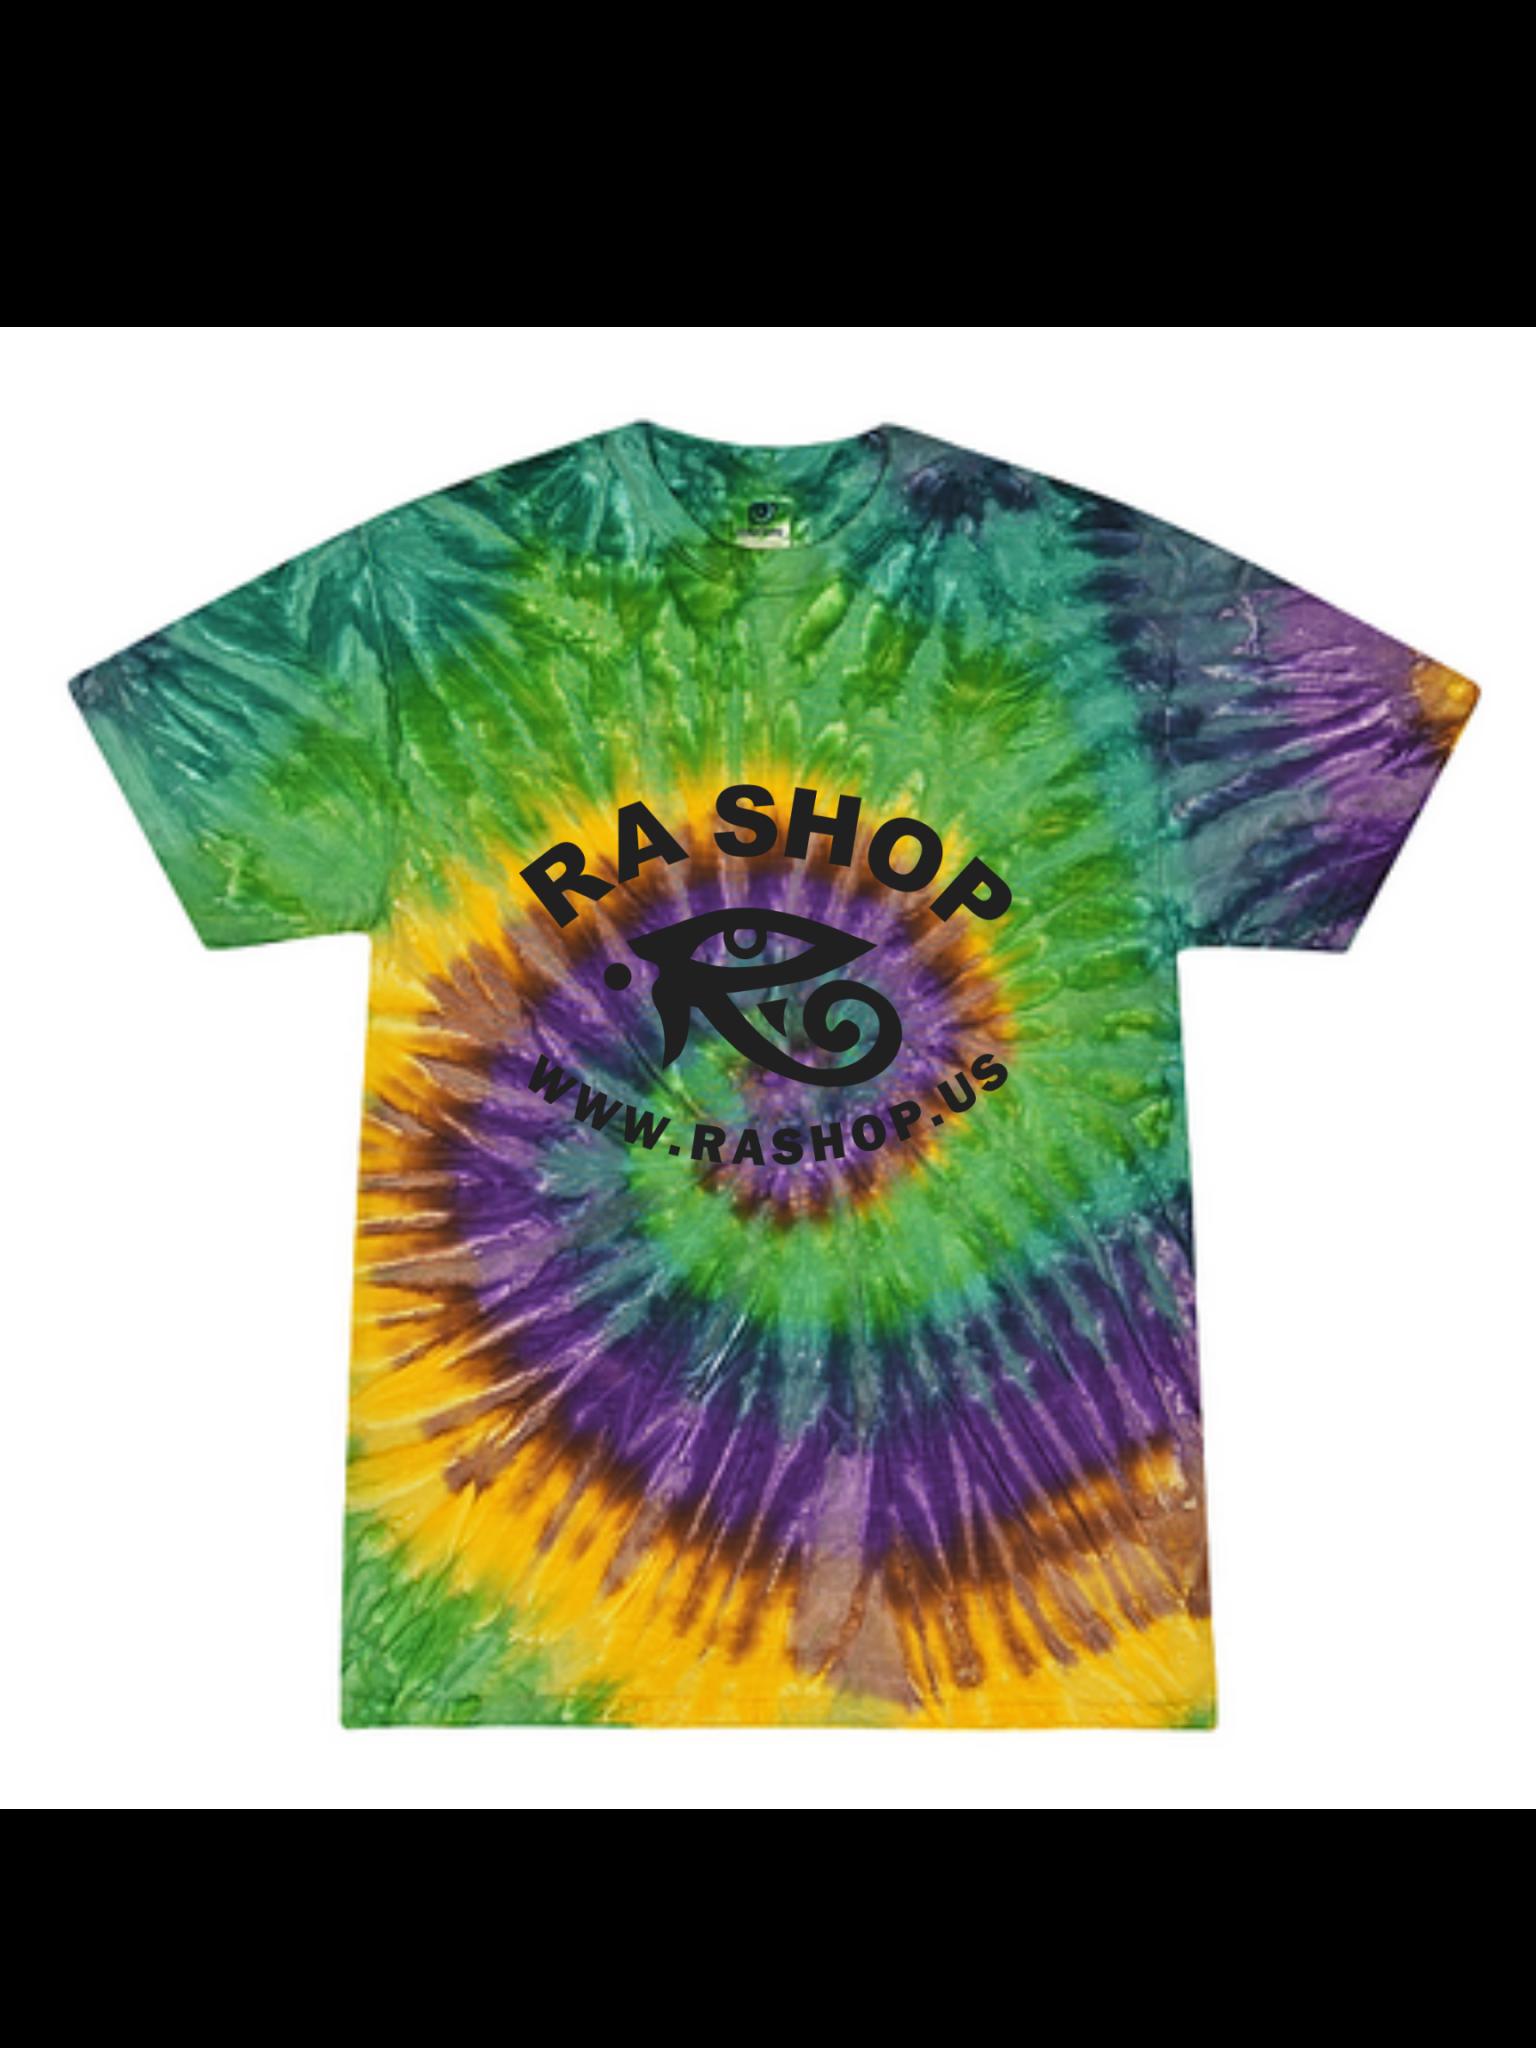 Ra Shop Tie Dye T-Shirt Mardi Gras Sm